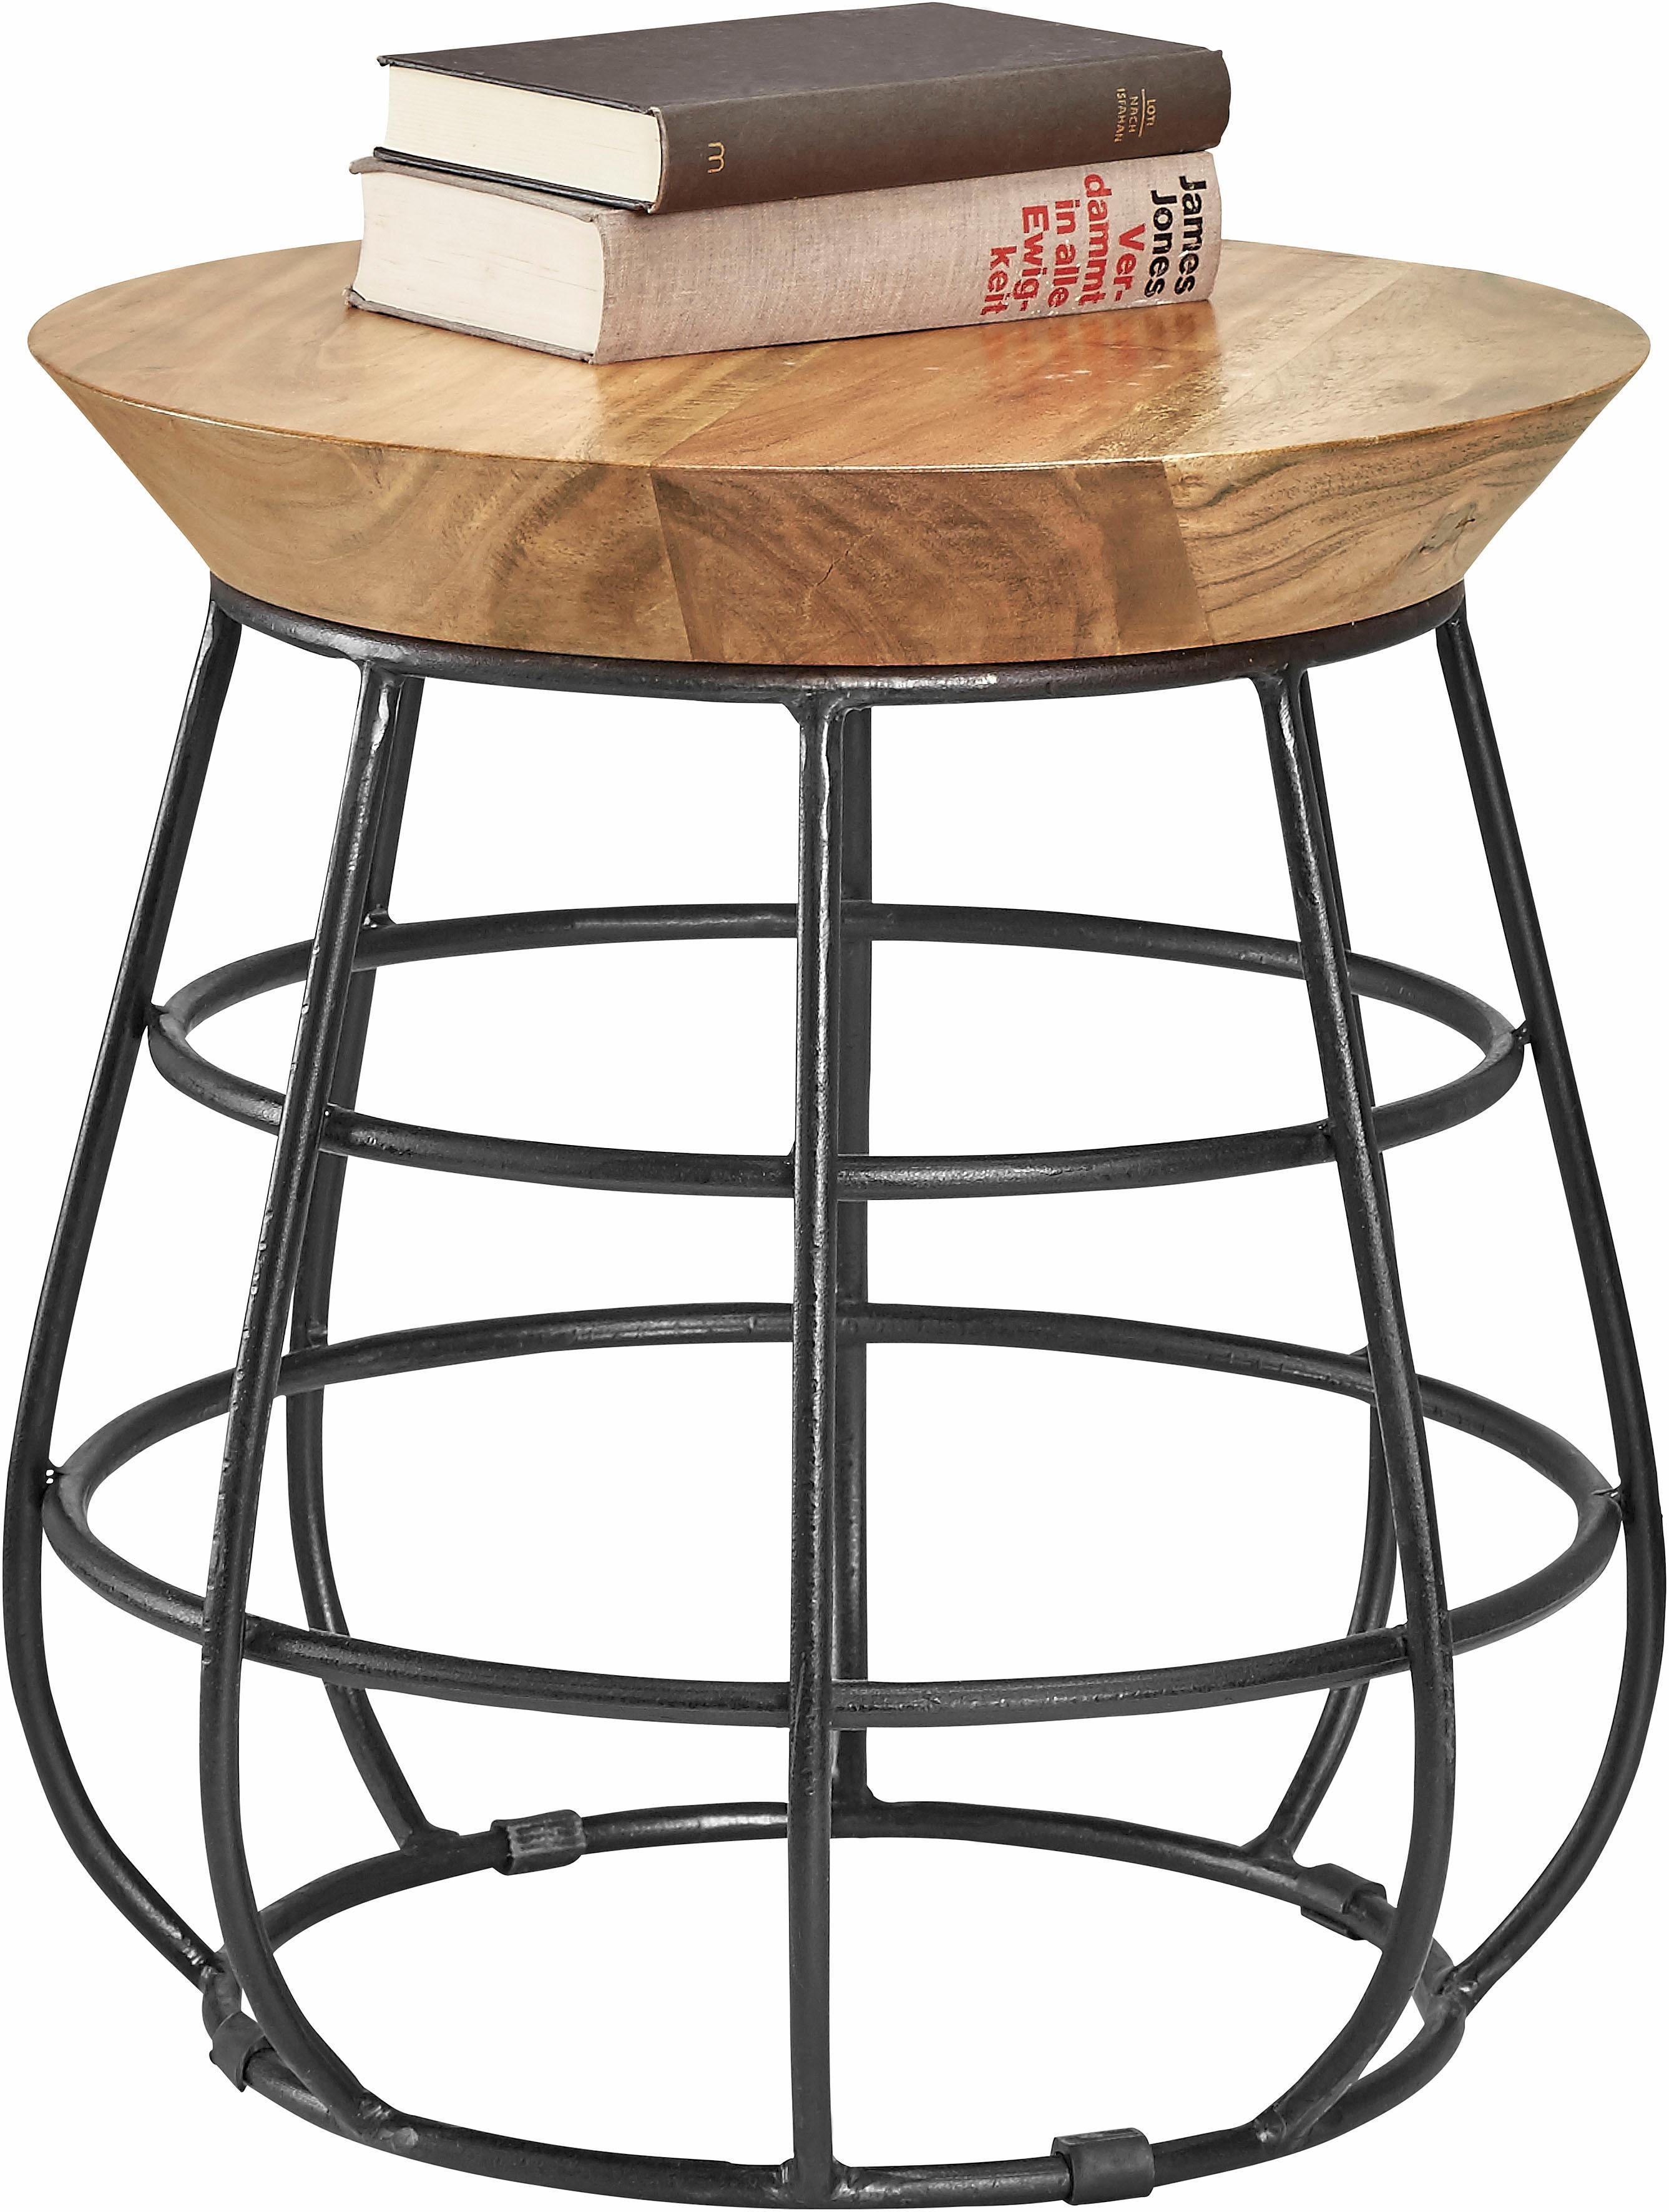 Home affaire Beistelltisch, mit Metall-Gestell braun Beistelltische Tische Beistelltisch